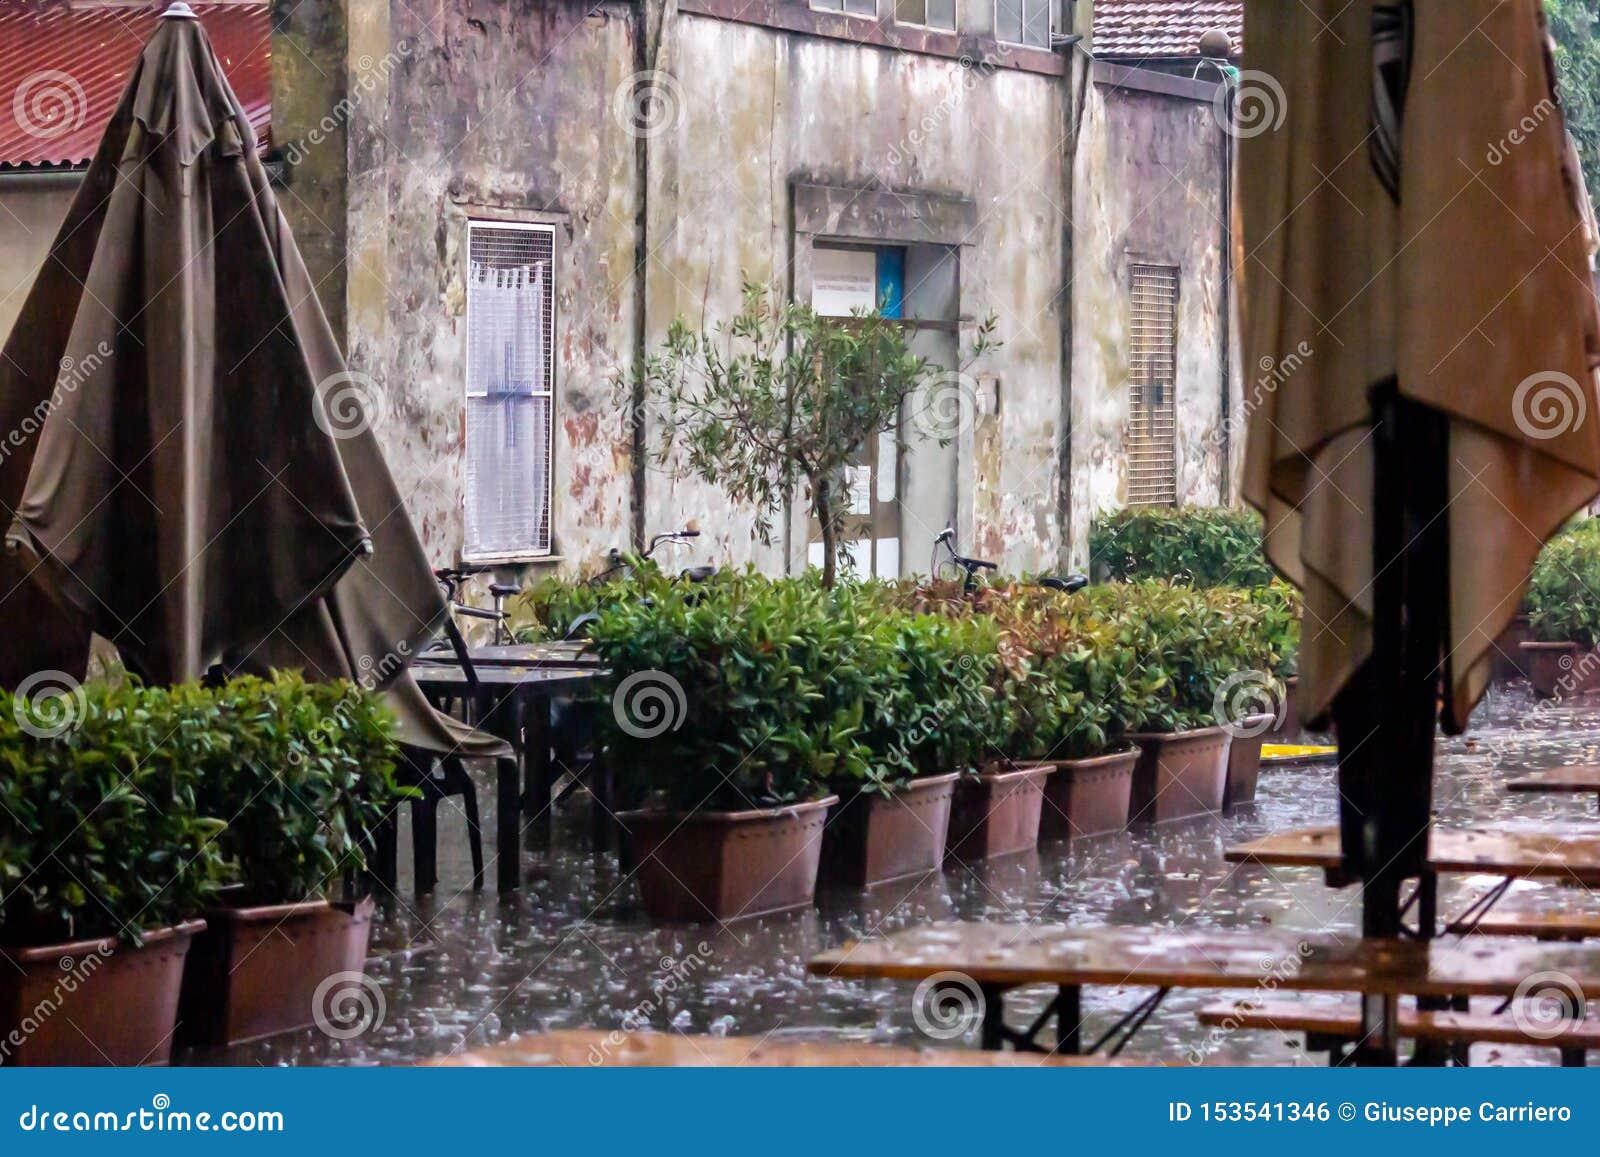 Clubes Venetian do verão forçados a fechar em julho devido às chuvas e às saraivas repentinas